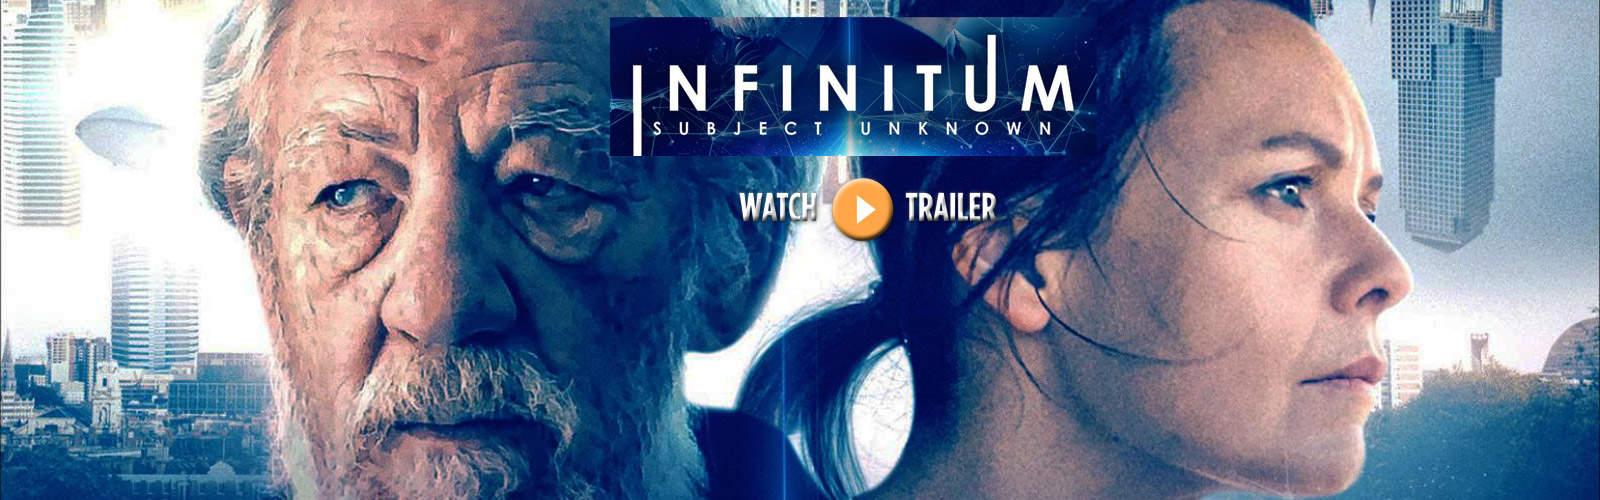 Infinitum-promo